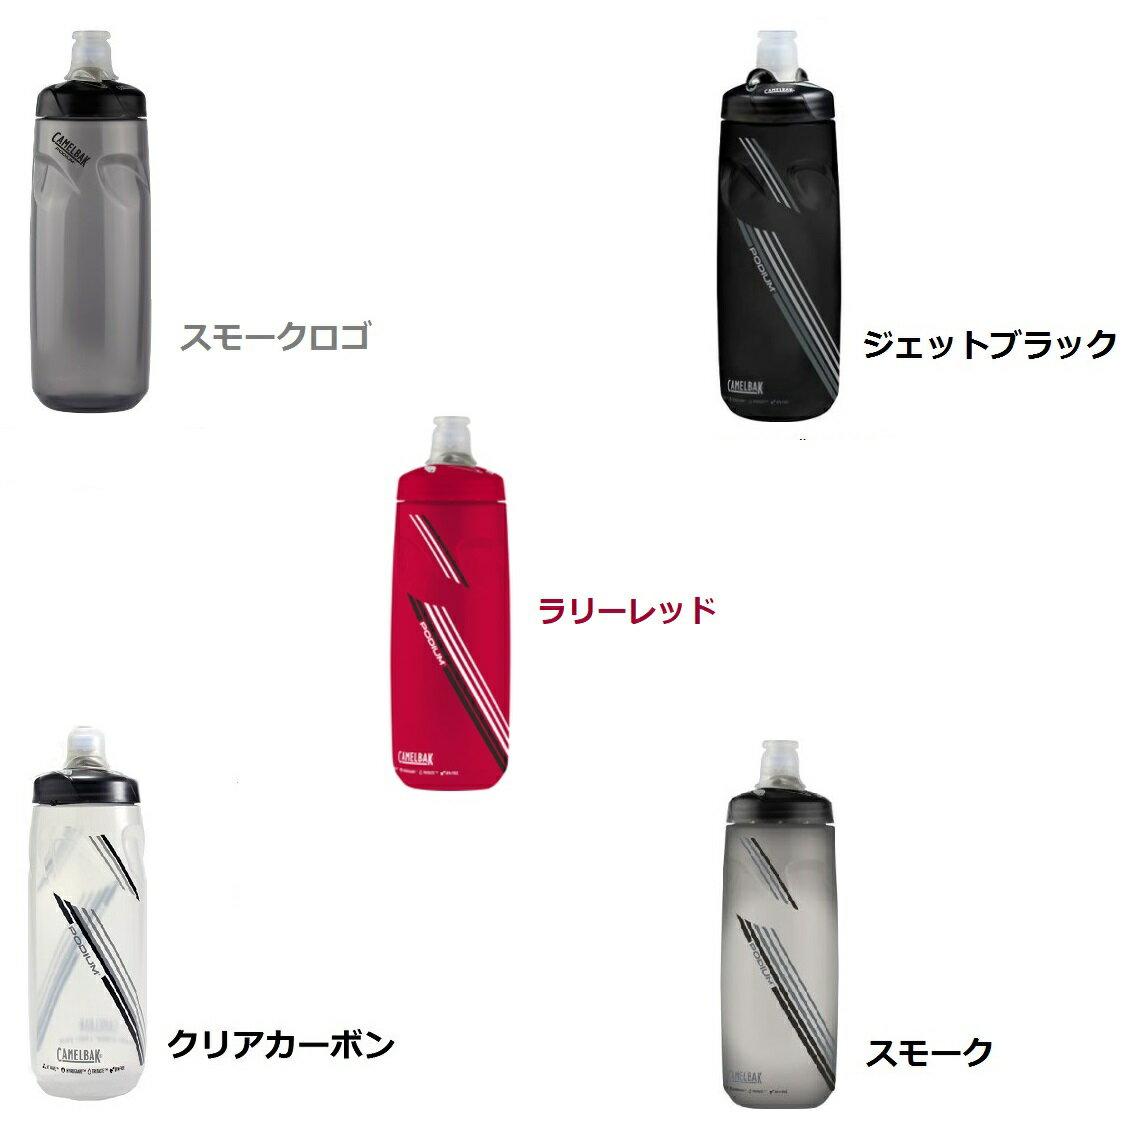 【送料無料】Camelbak(キャメルバック)ポディウム ビッグボトル【自転車】【ドリンクボトル】